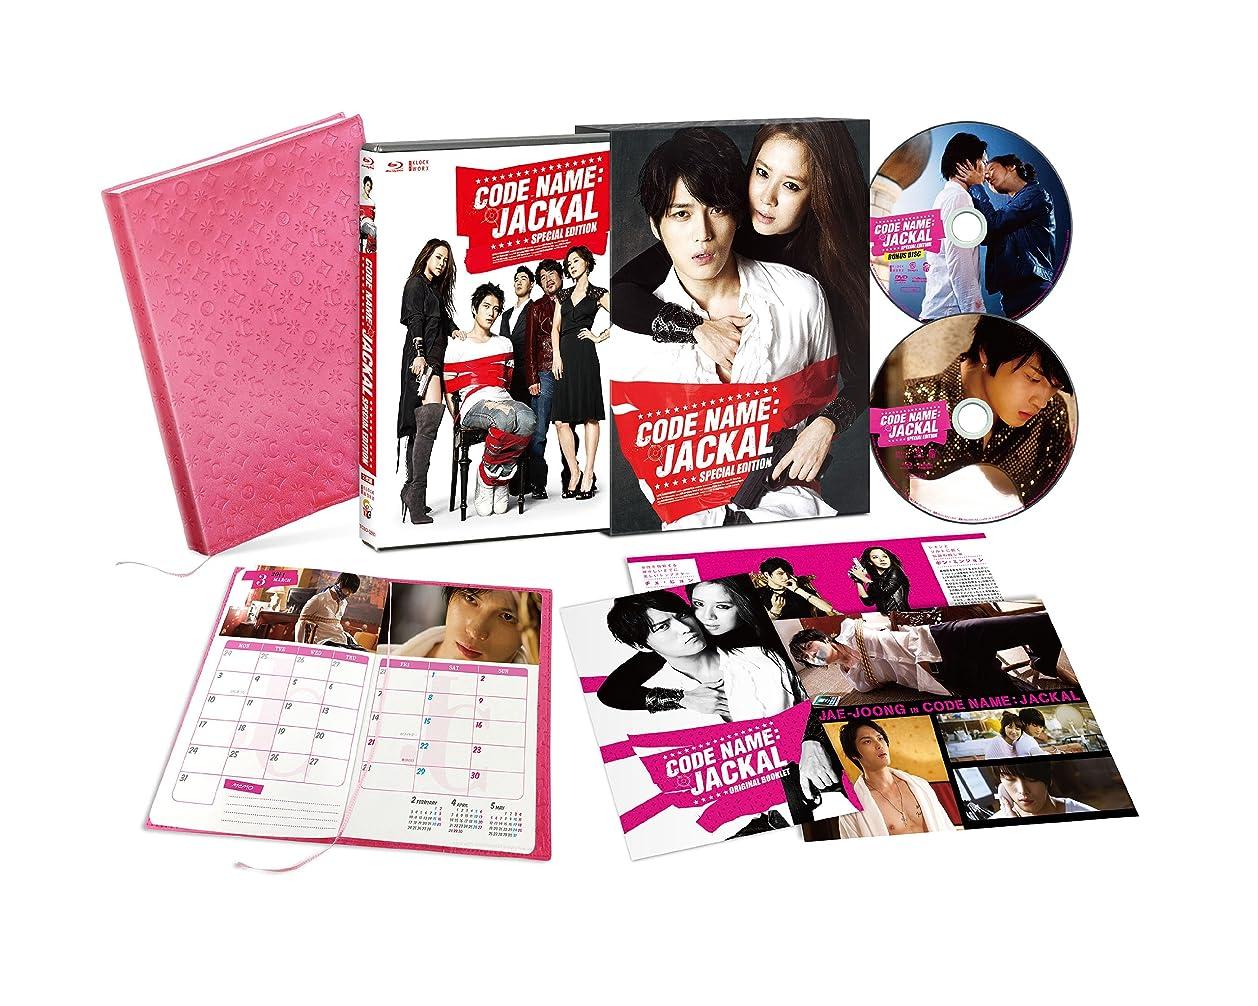 ブラケット満州通知するコードネーム:ジャッカル  スペシャルエディション Blu-ray BOX